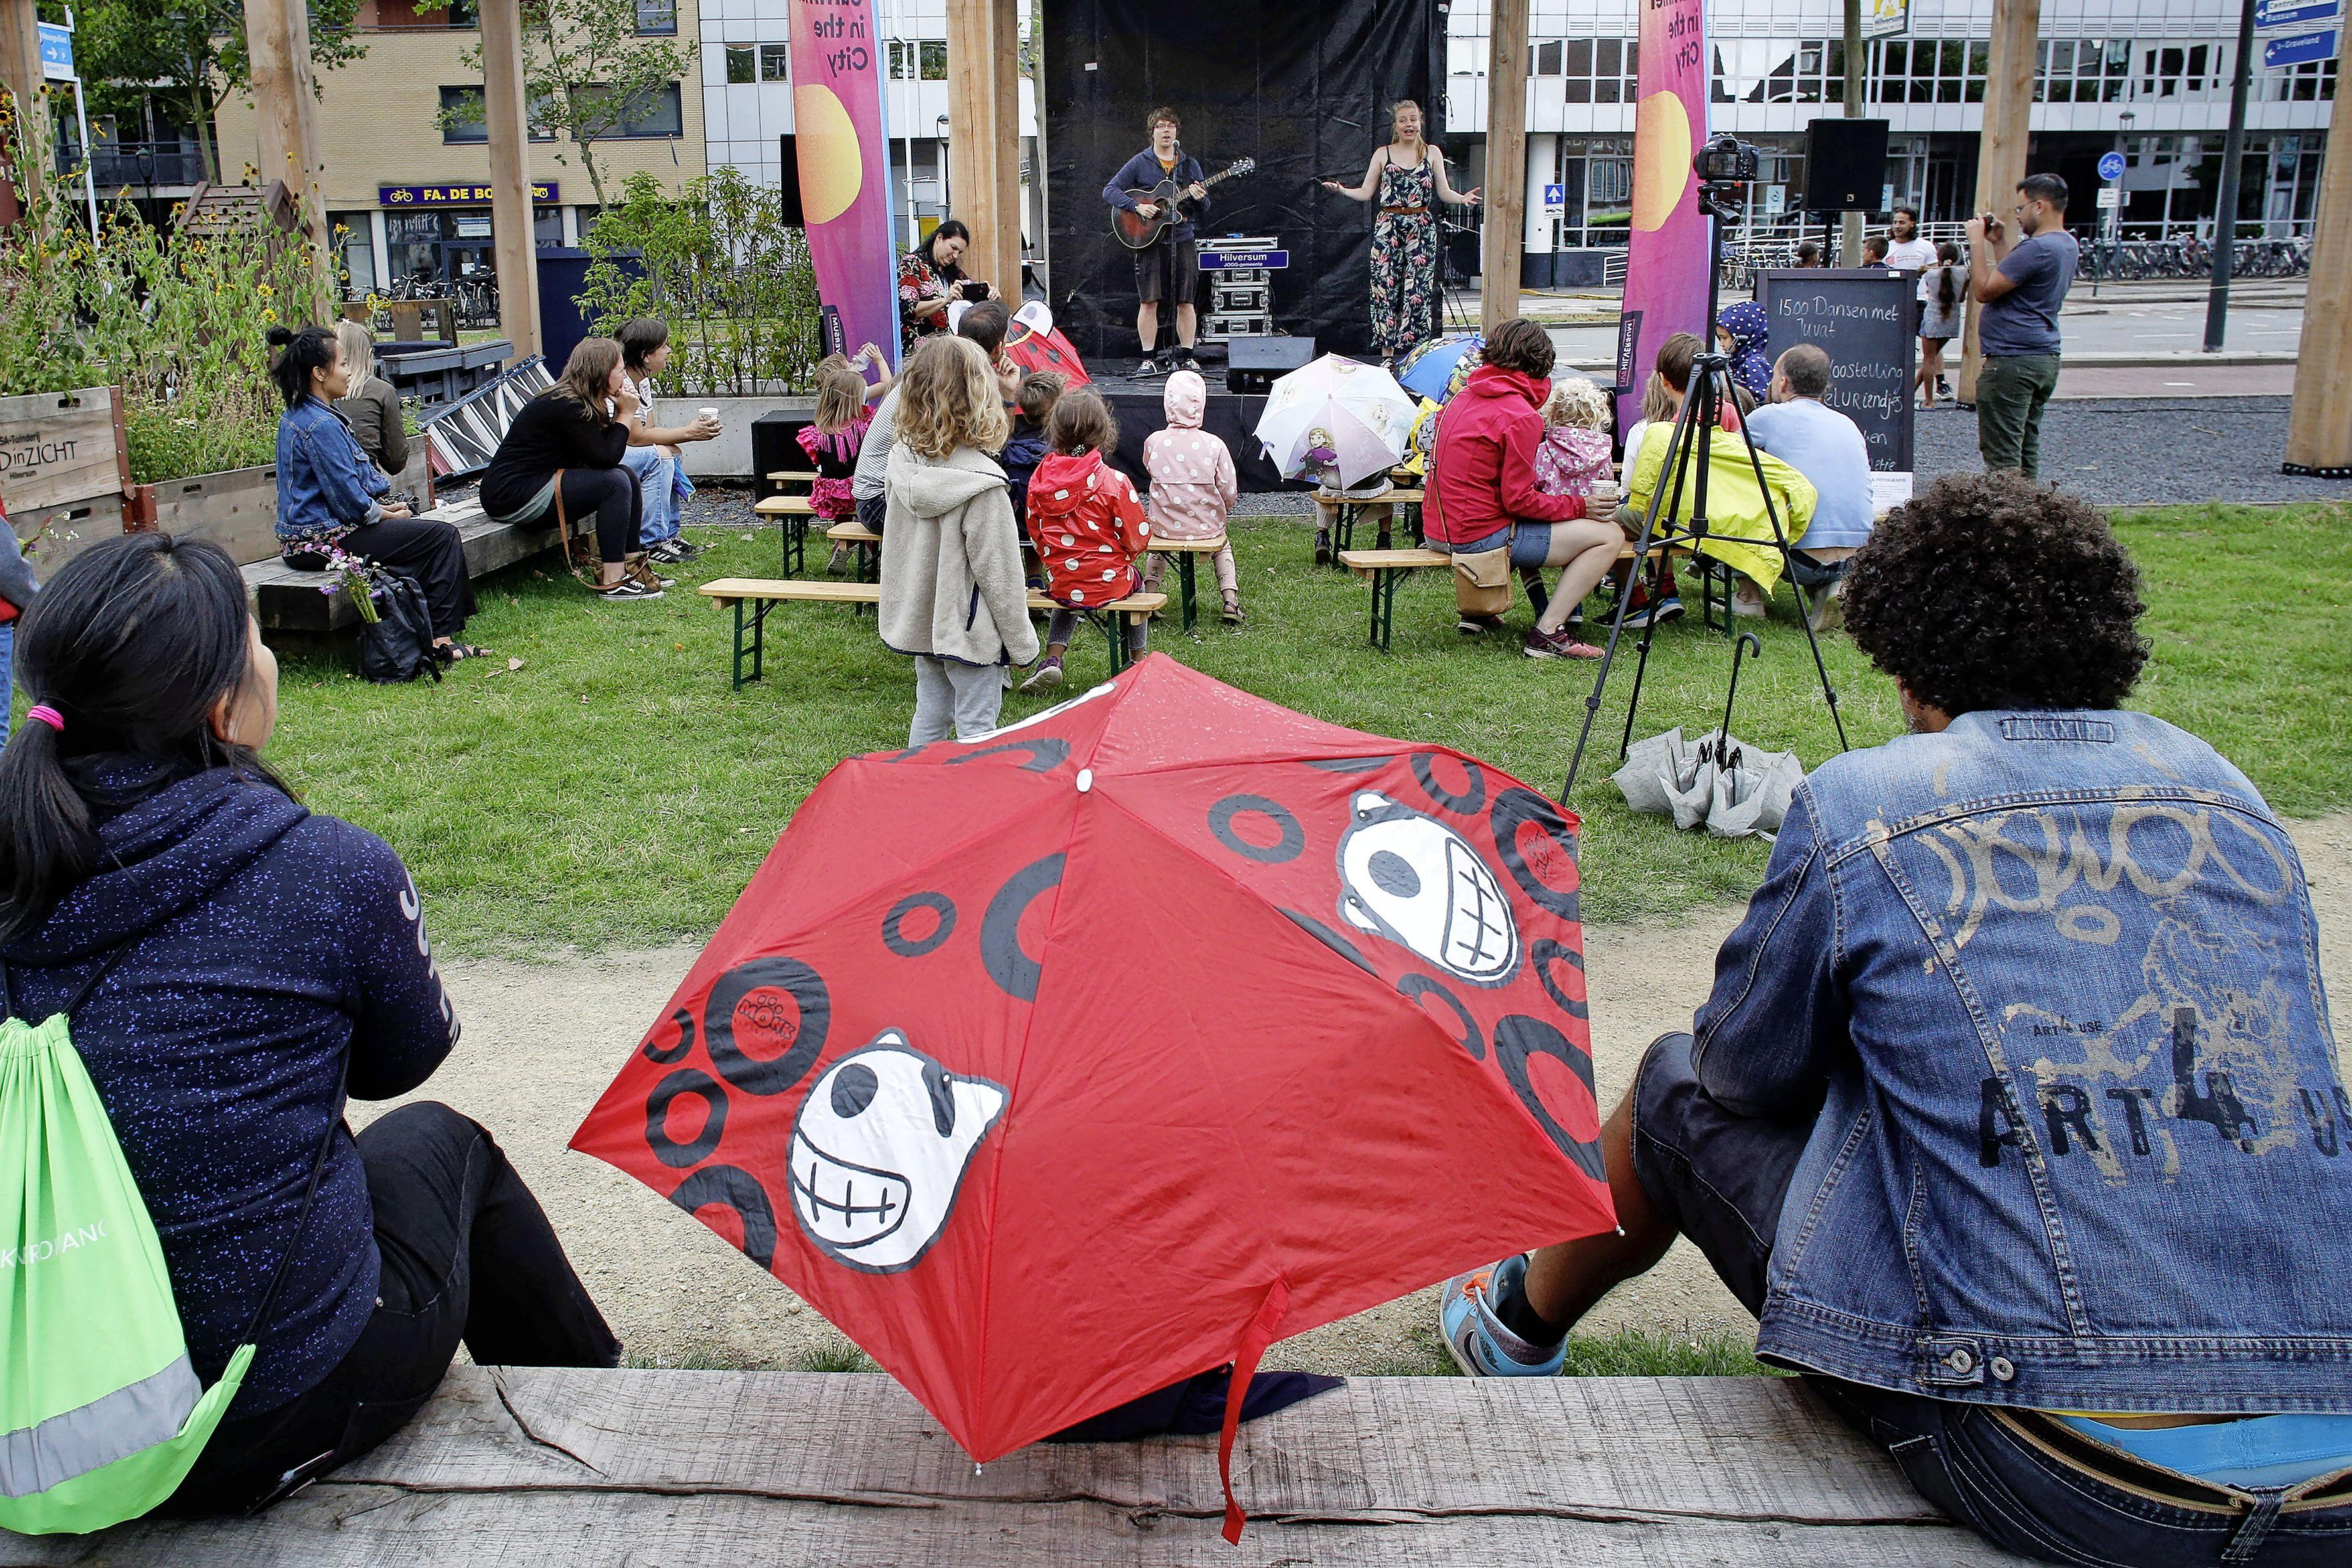 Geld naar Hilversumse Taskforce Anderhalve Meter voor Summer in the City, TikTok Festival en groener centrum & Gijsbrecht